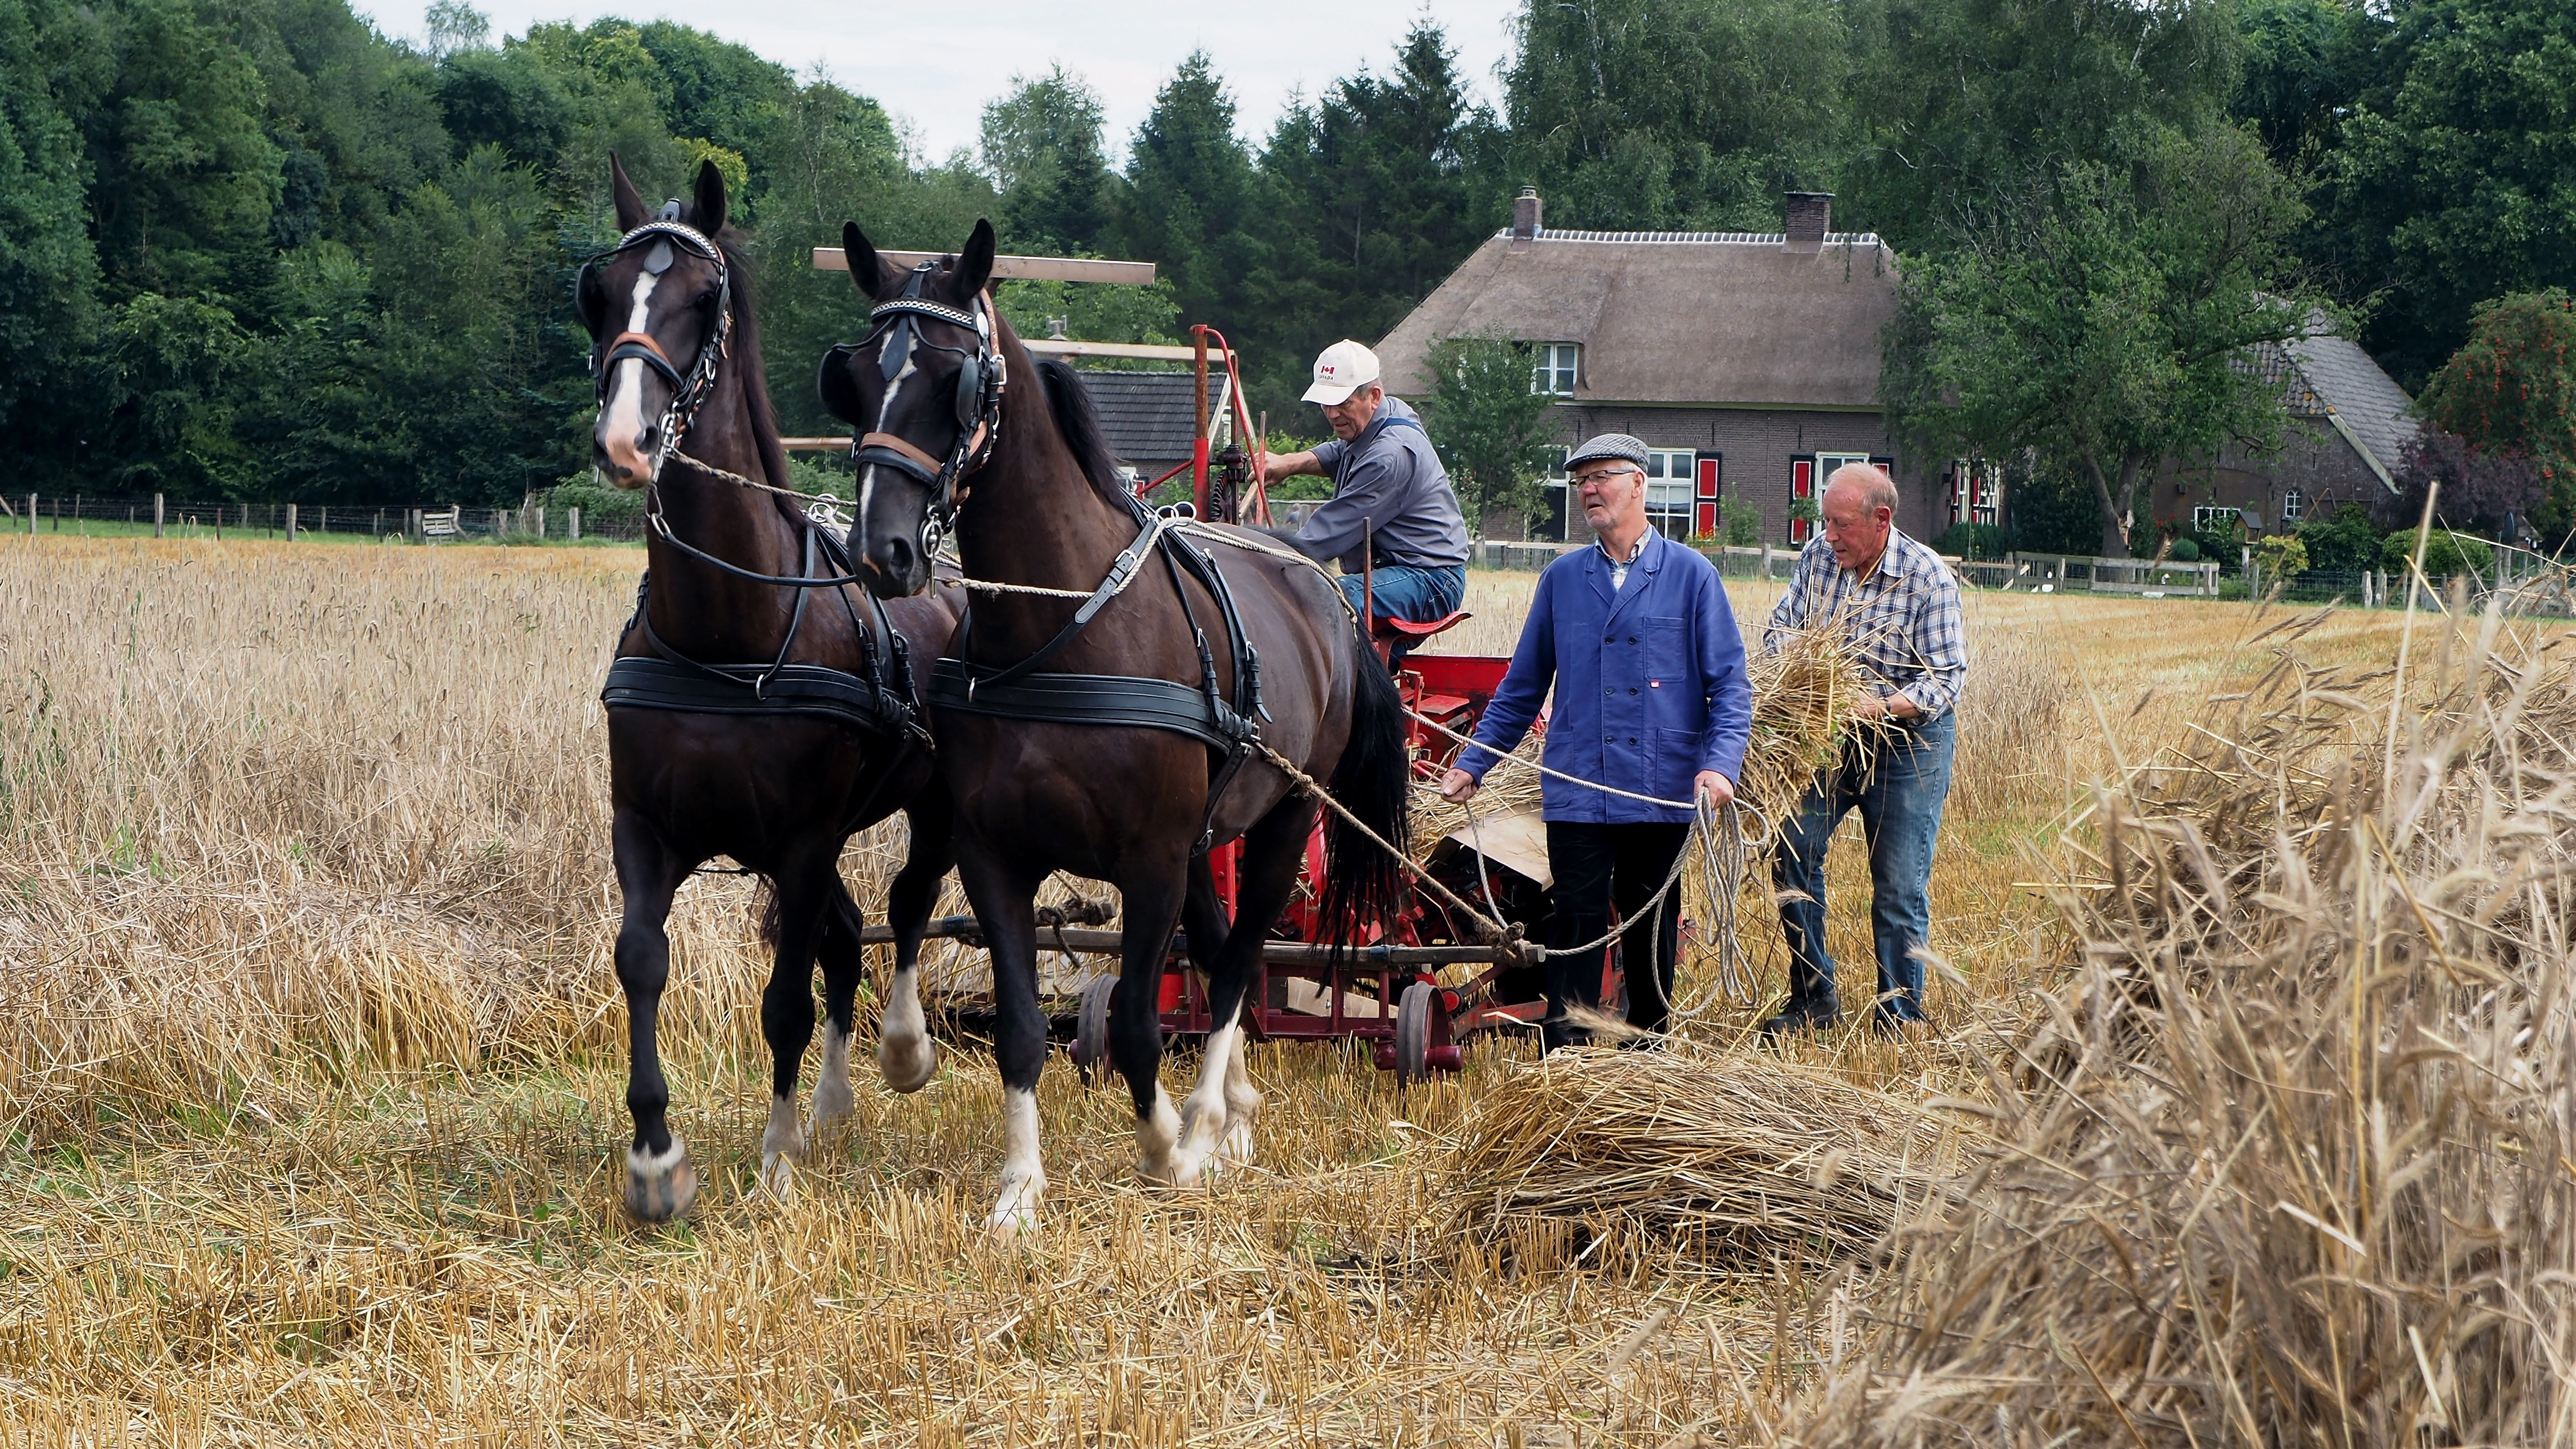 Terug naar jaren '50 met paarden in de landbouw